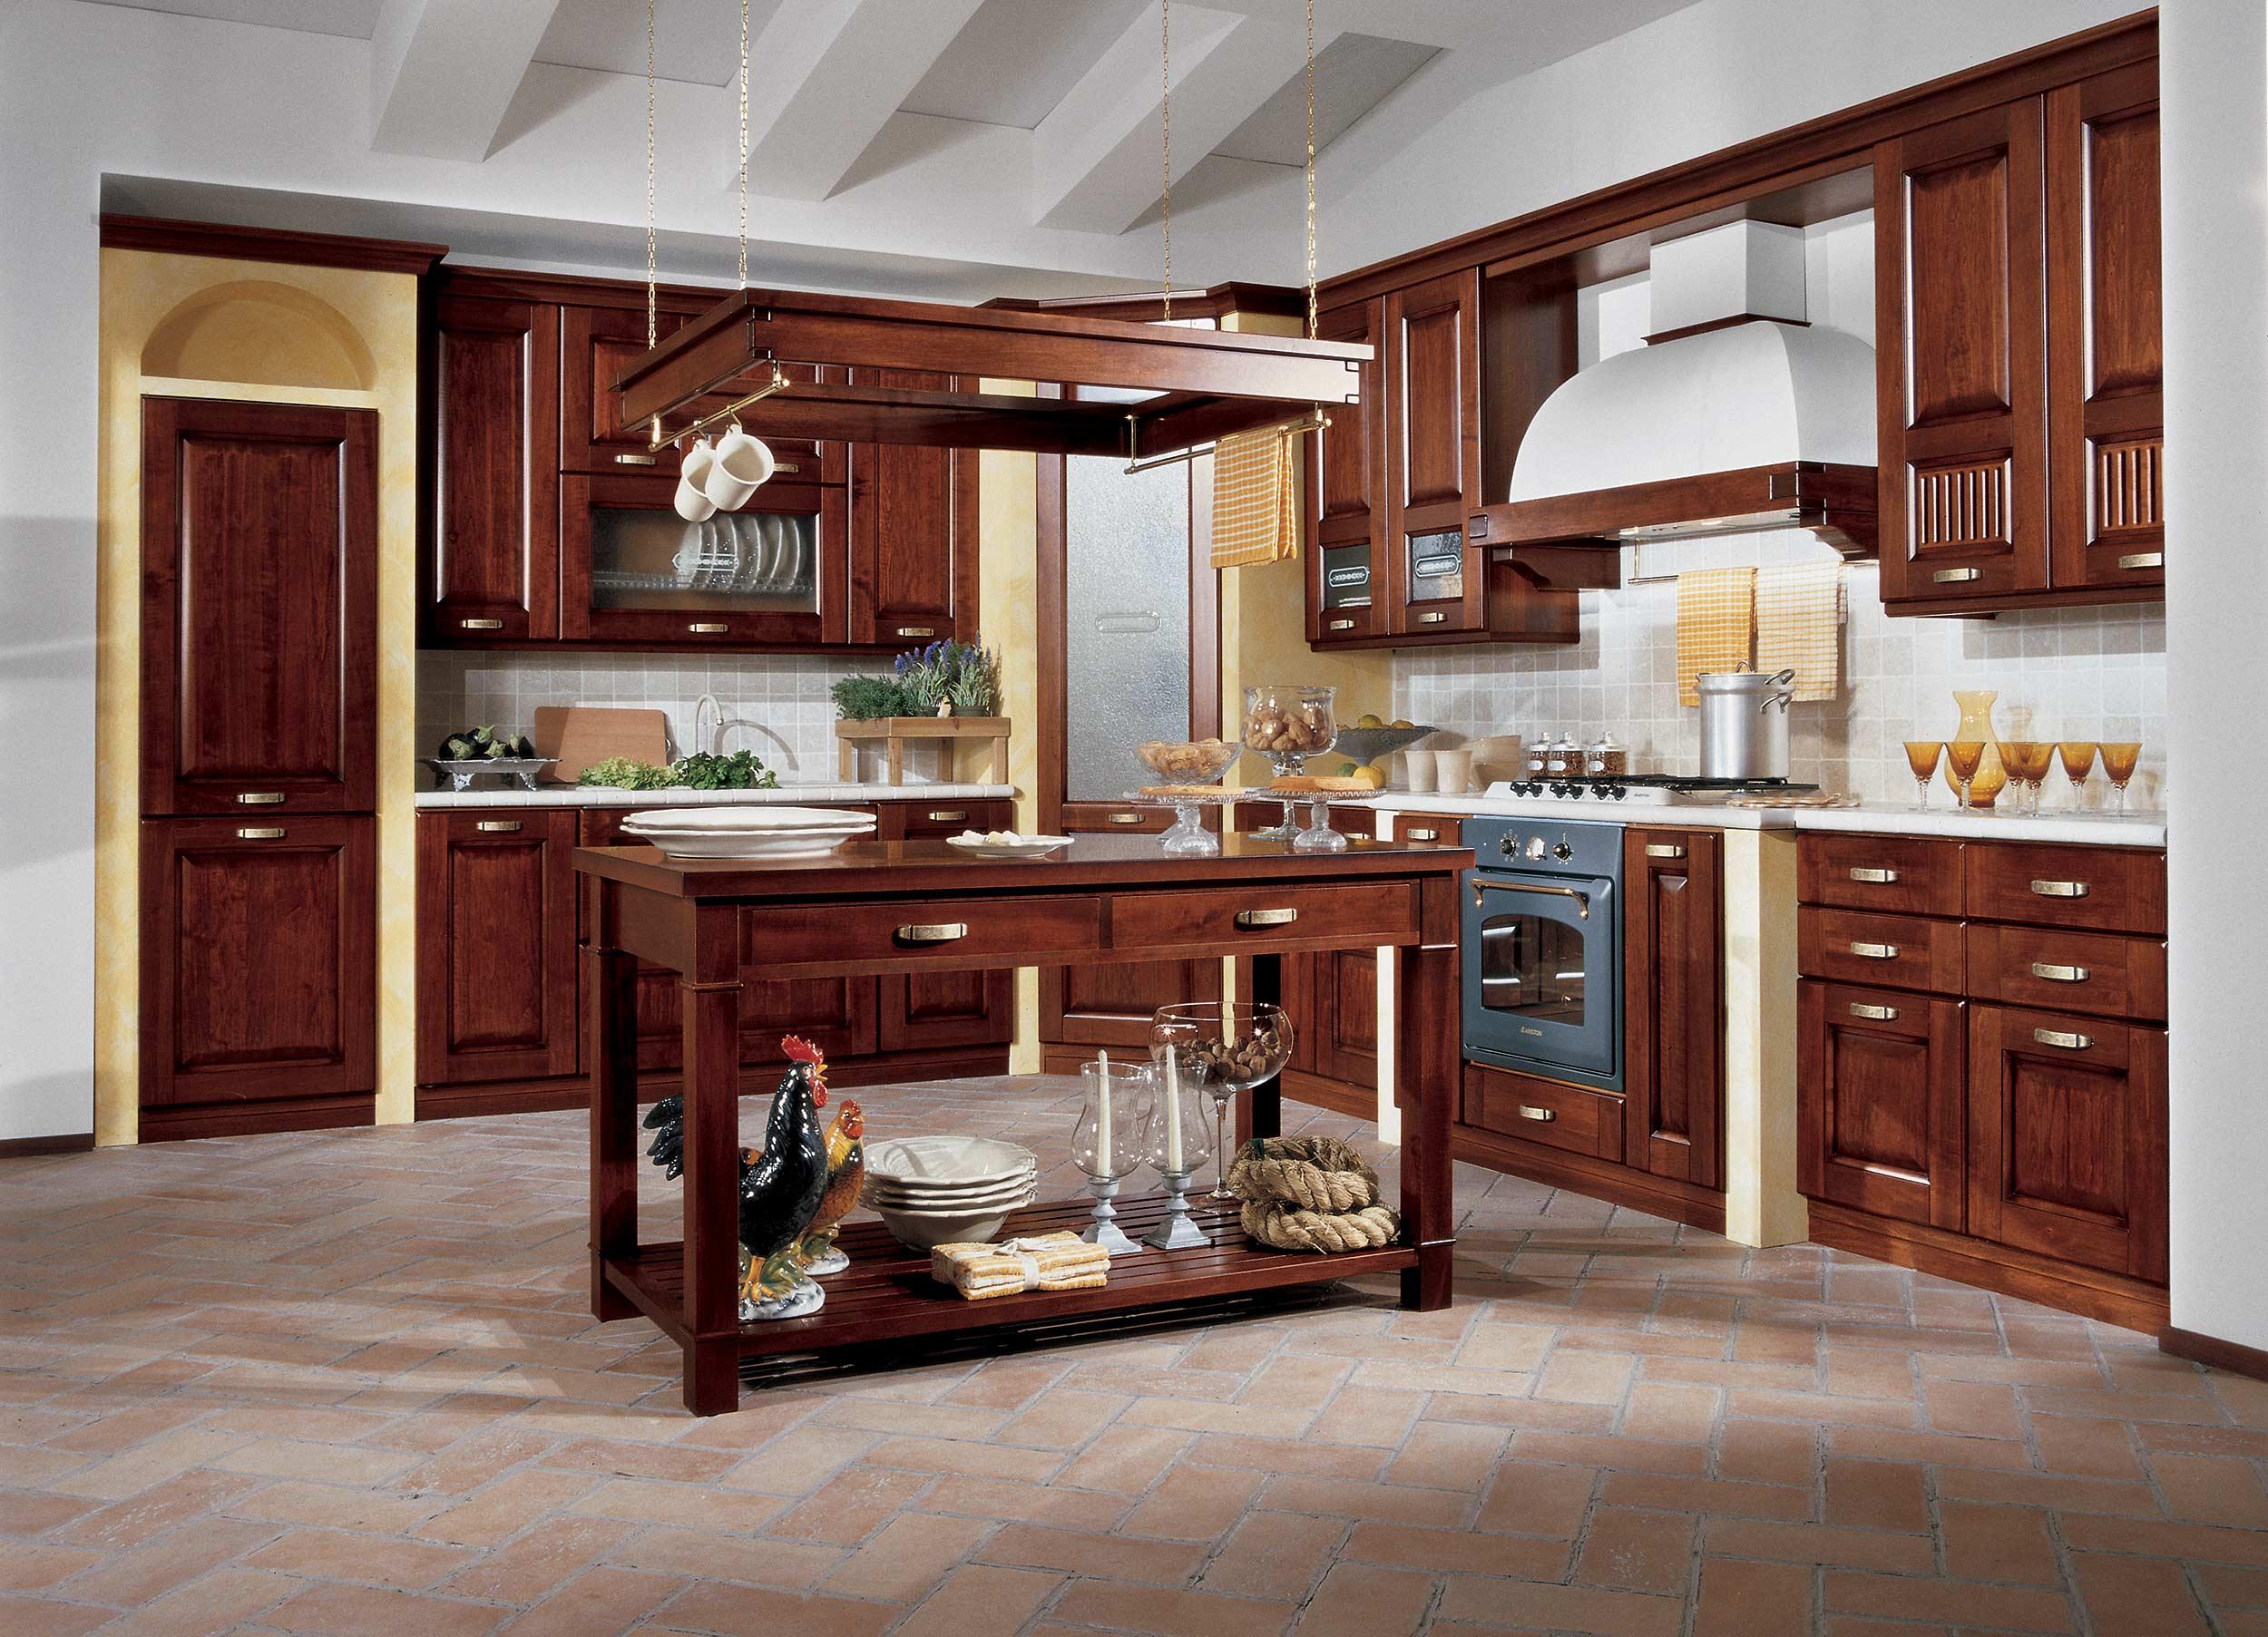 Cucina stosa malaga lorenzelli arredamenti for Cucine classiche